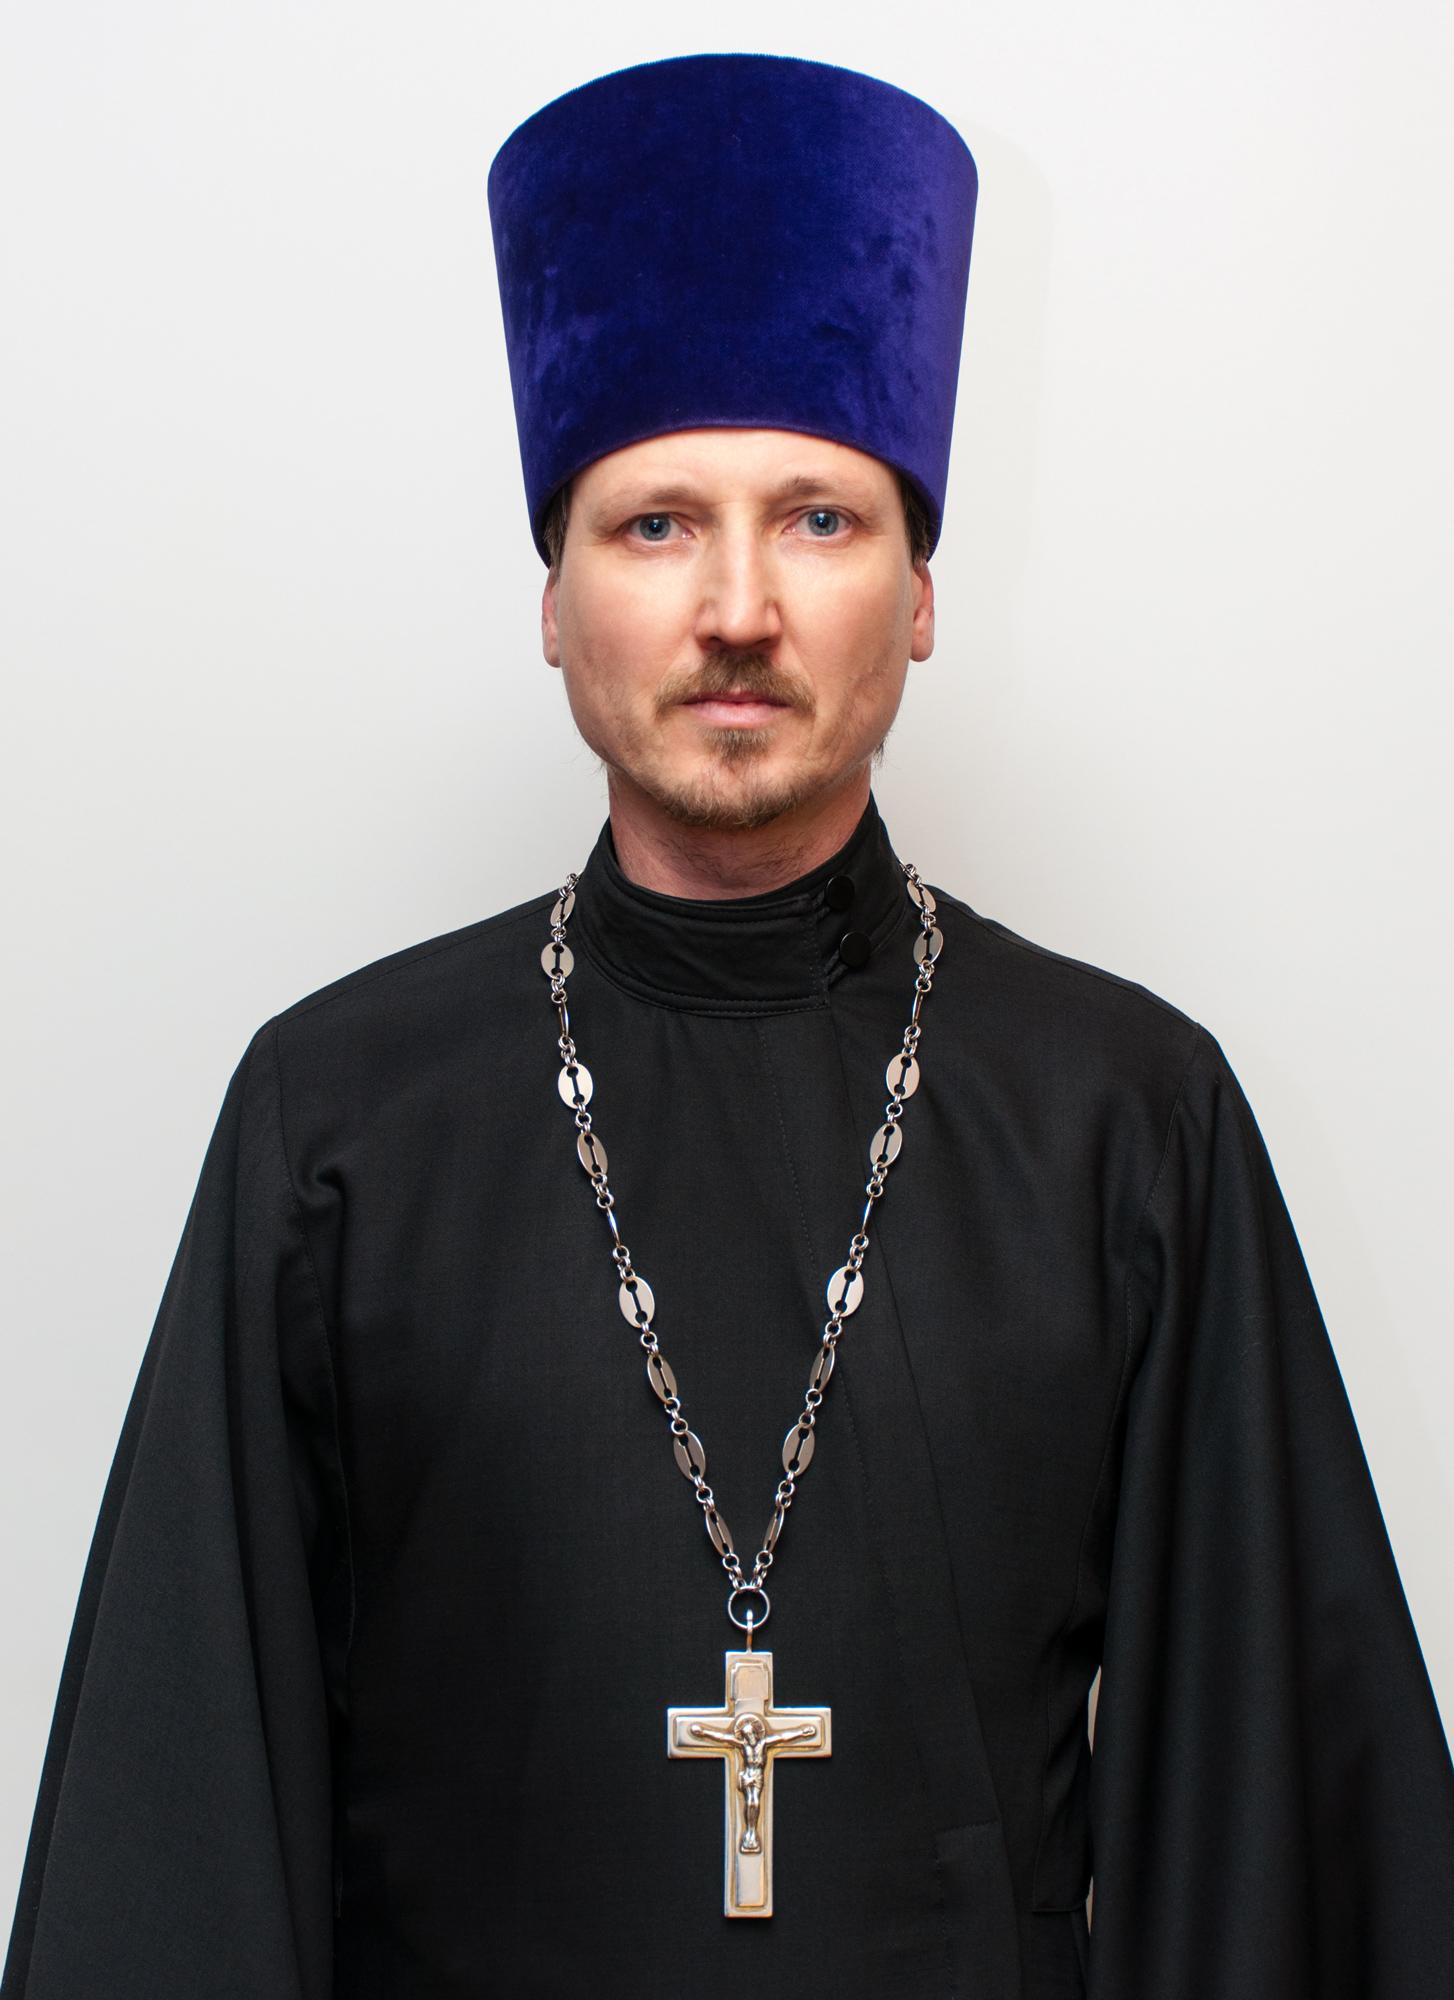 Протоиерей Сергий Анатольевич Федченко